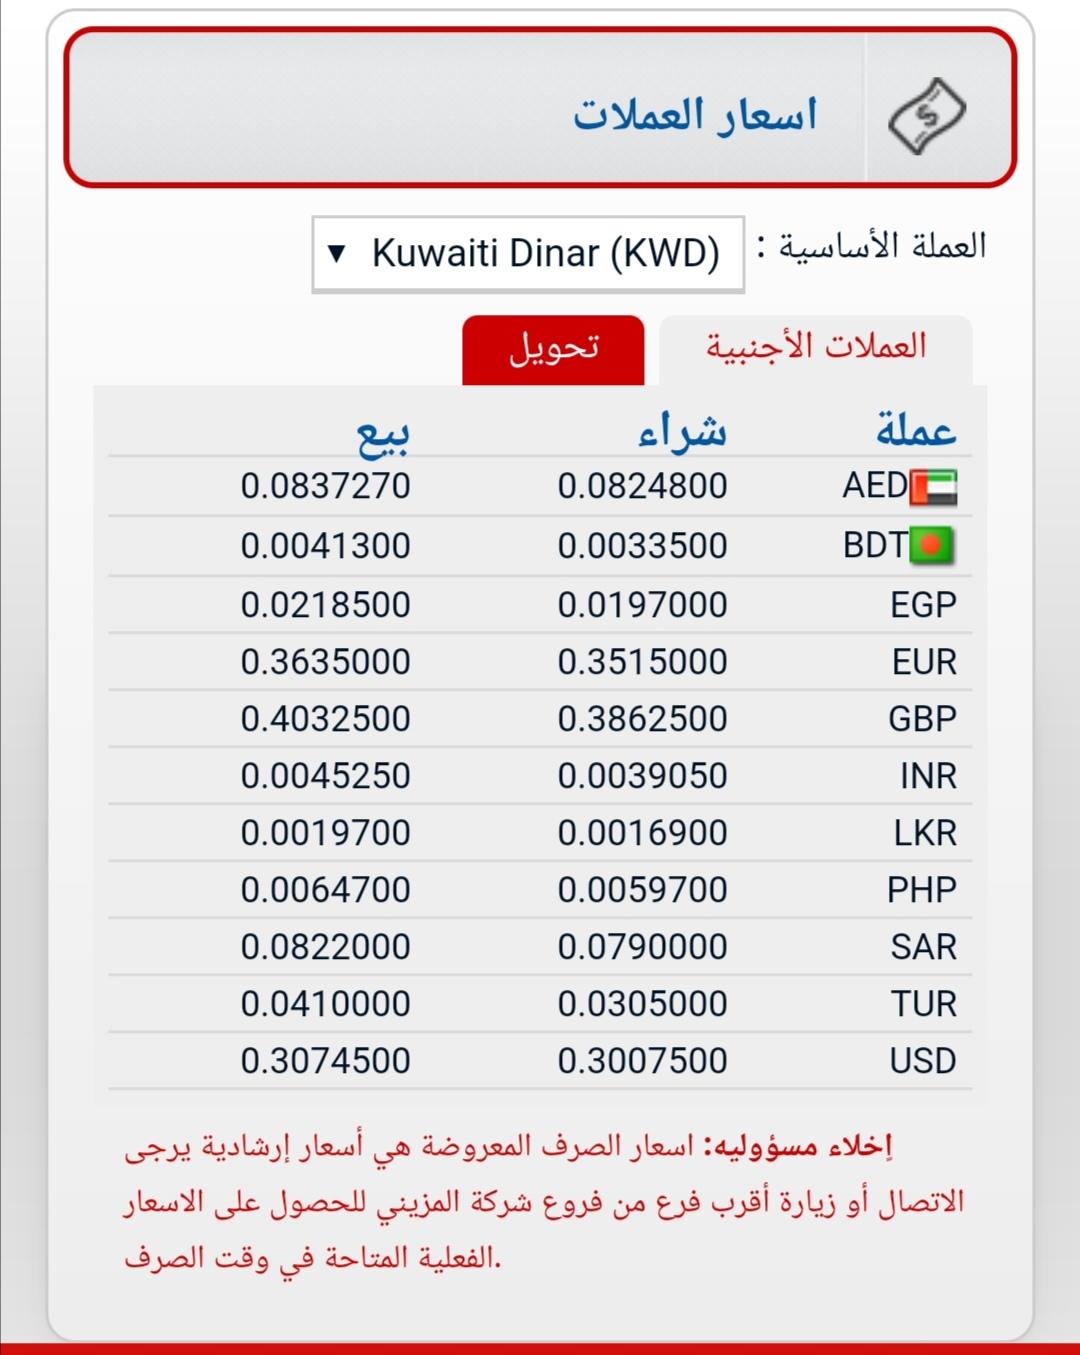 سعر تحويل الدينار للجنيه المصري اليوم سعر  العملات صرافة المزيني ١٧ أكتوبر